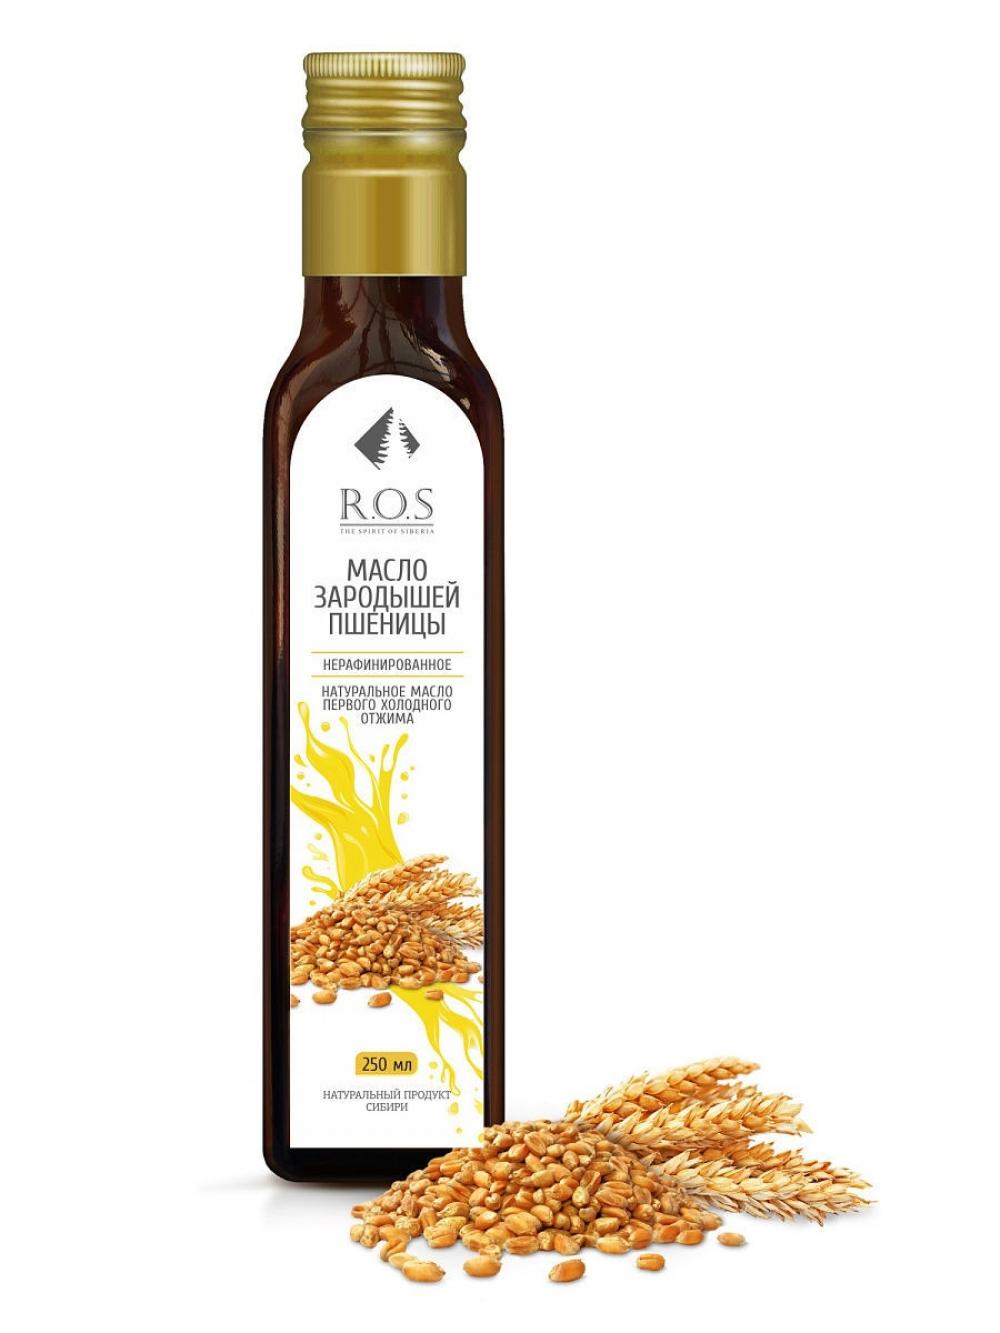 Зародышей пшеницы масло нерафинированное холодного отжима, 250мл, R.O.S